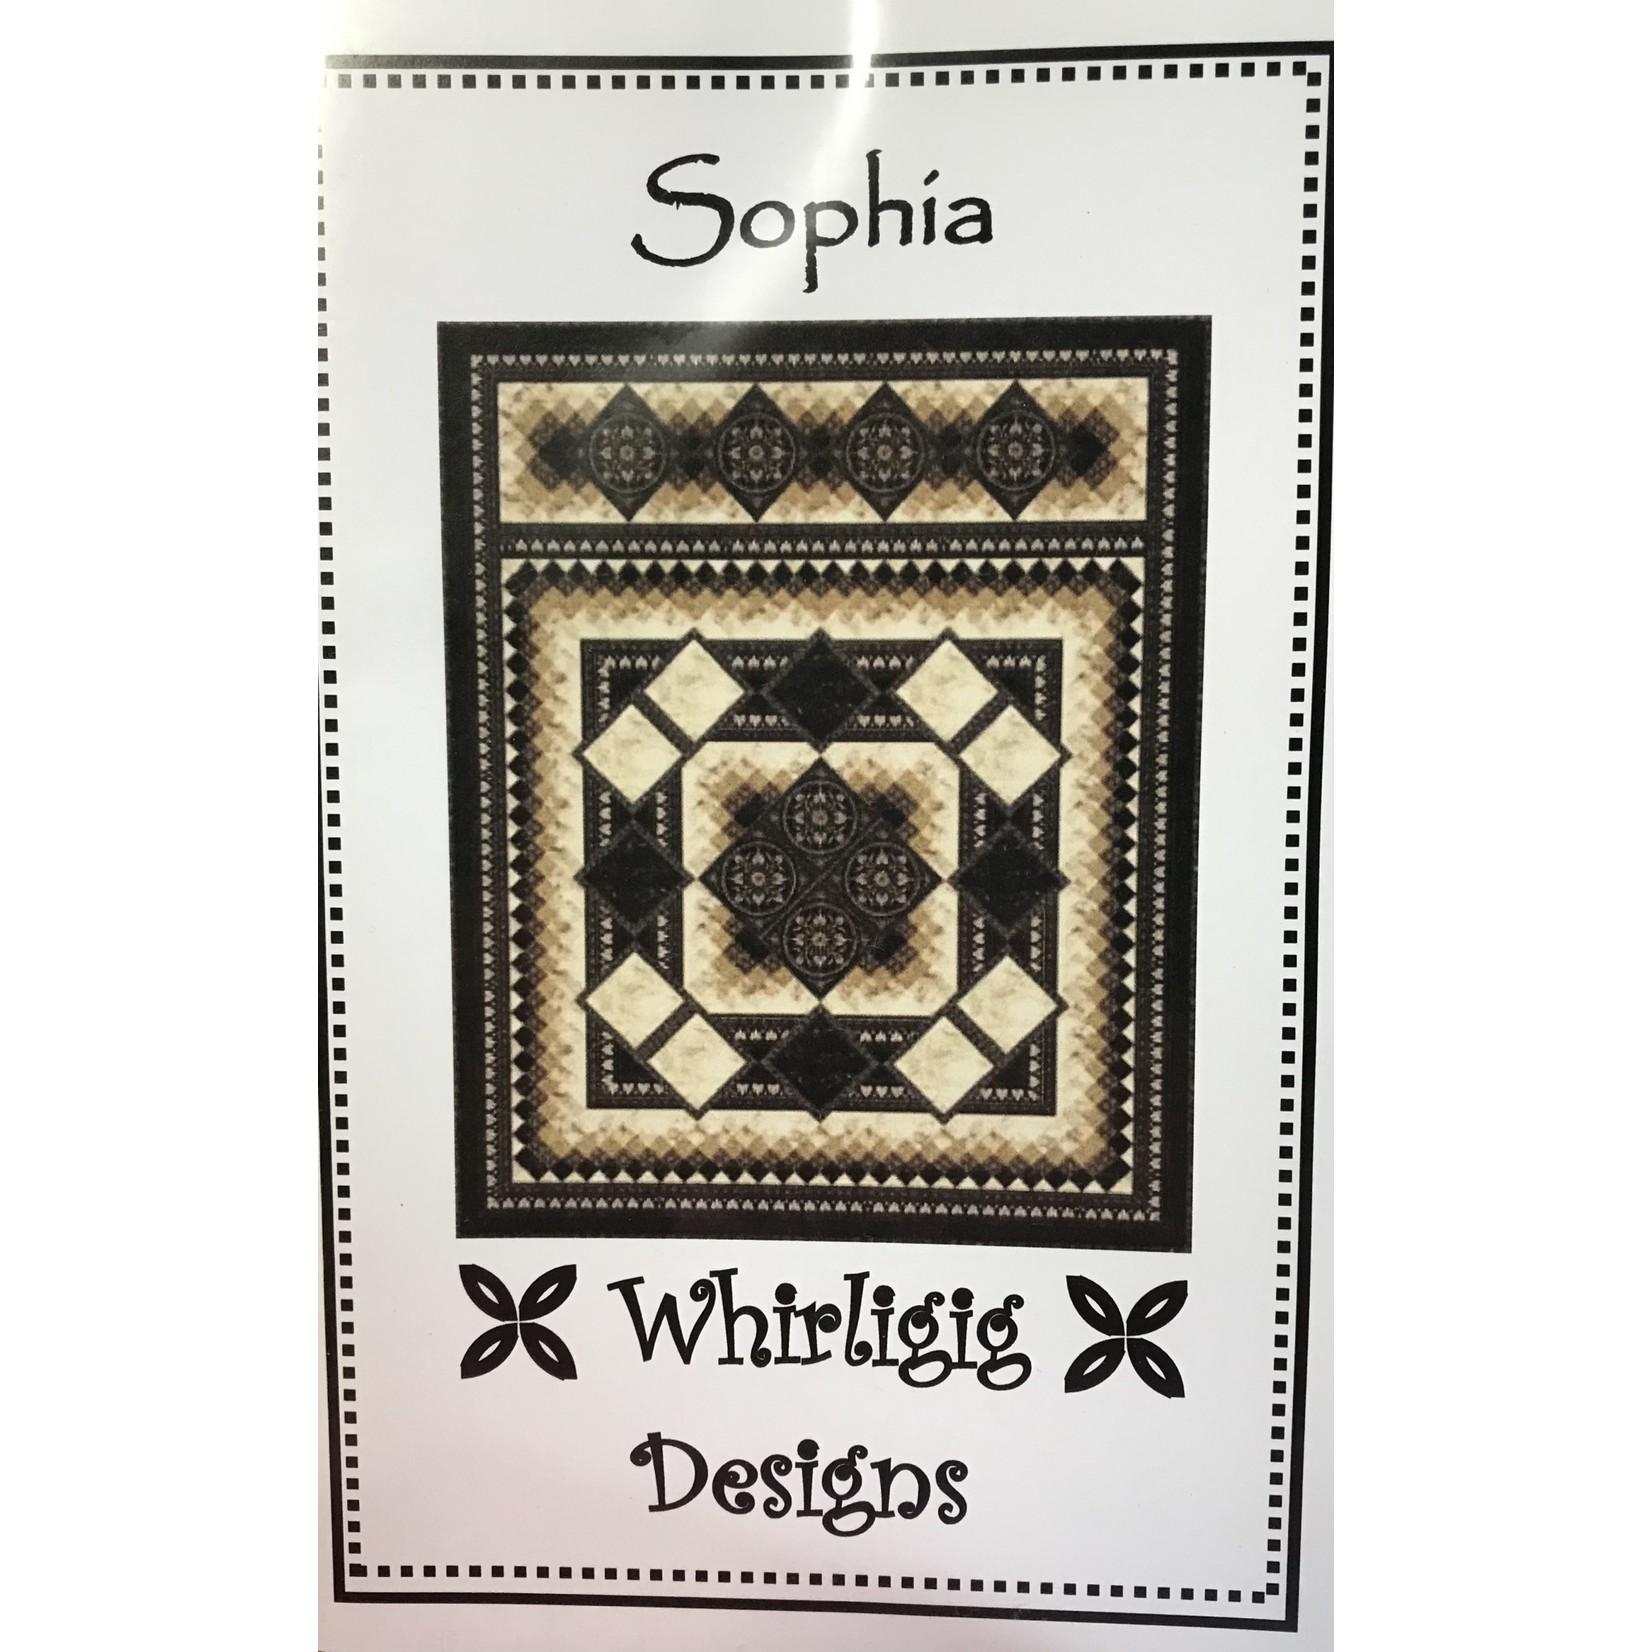 WHIRLIGIG DESIGNS SOPHIA PATTERN